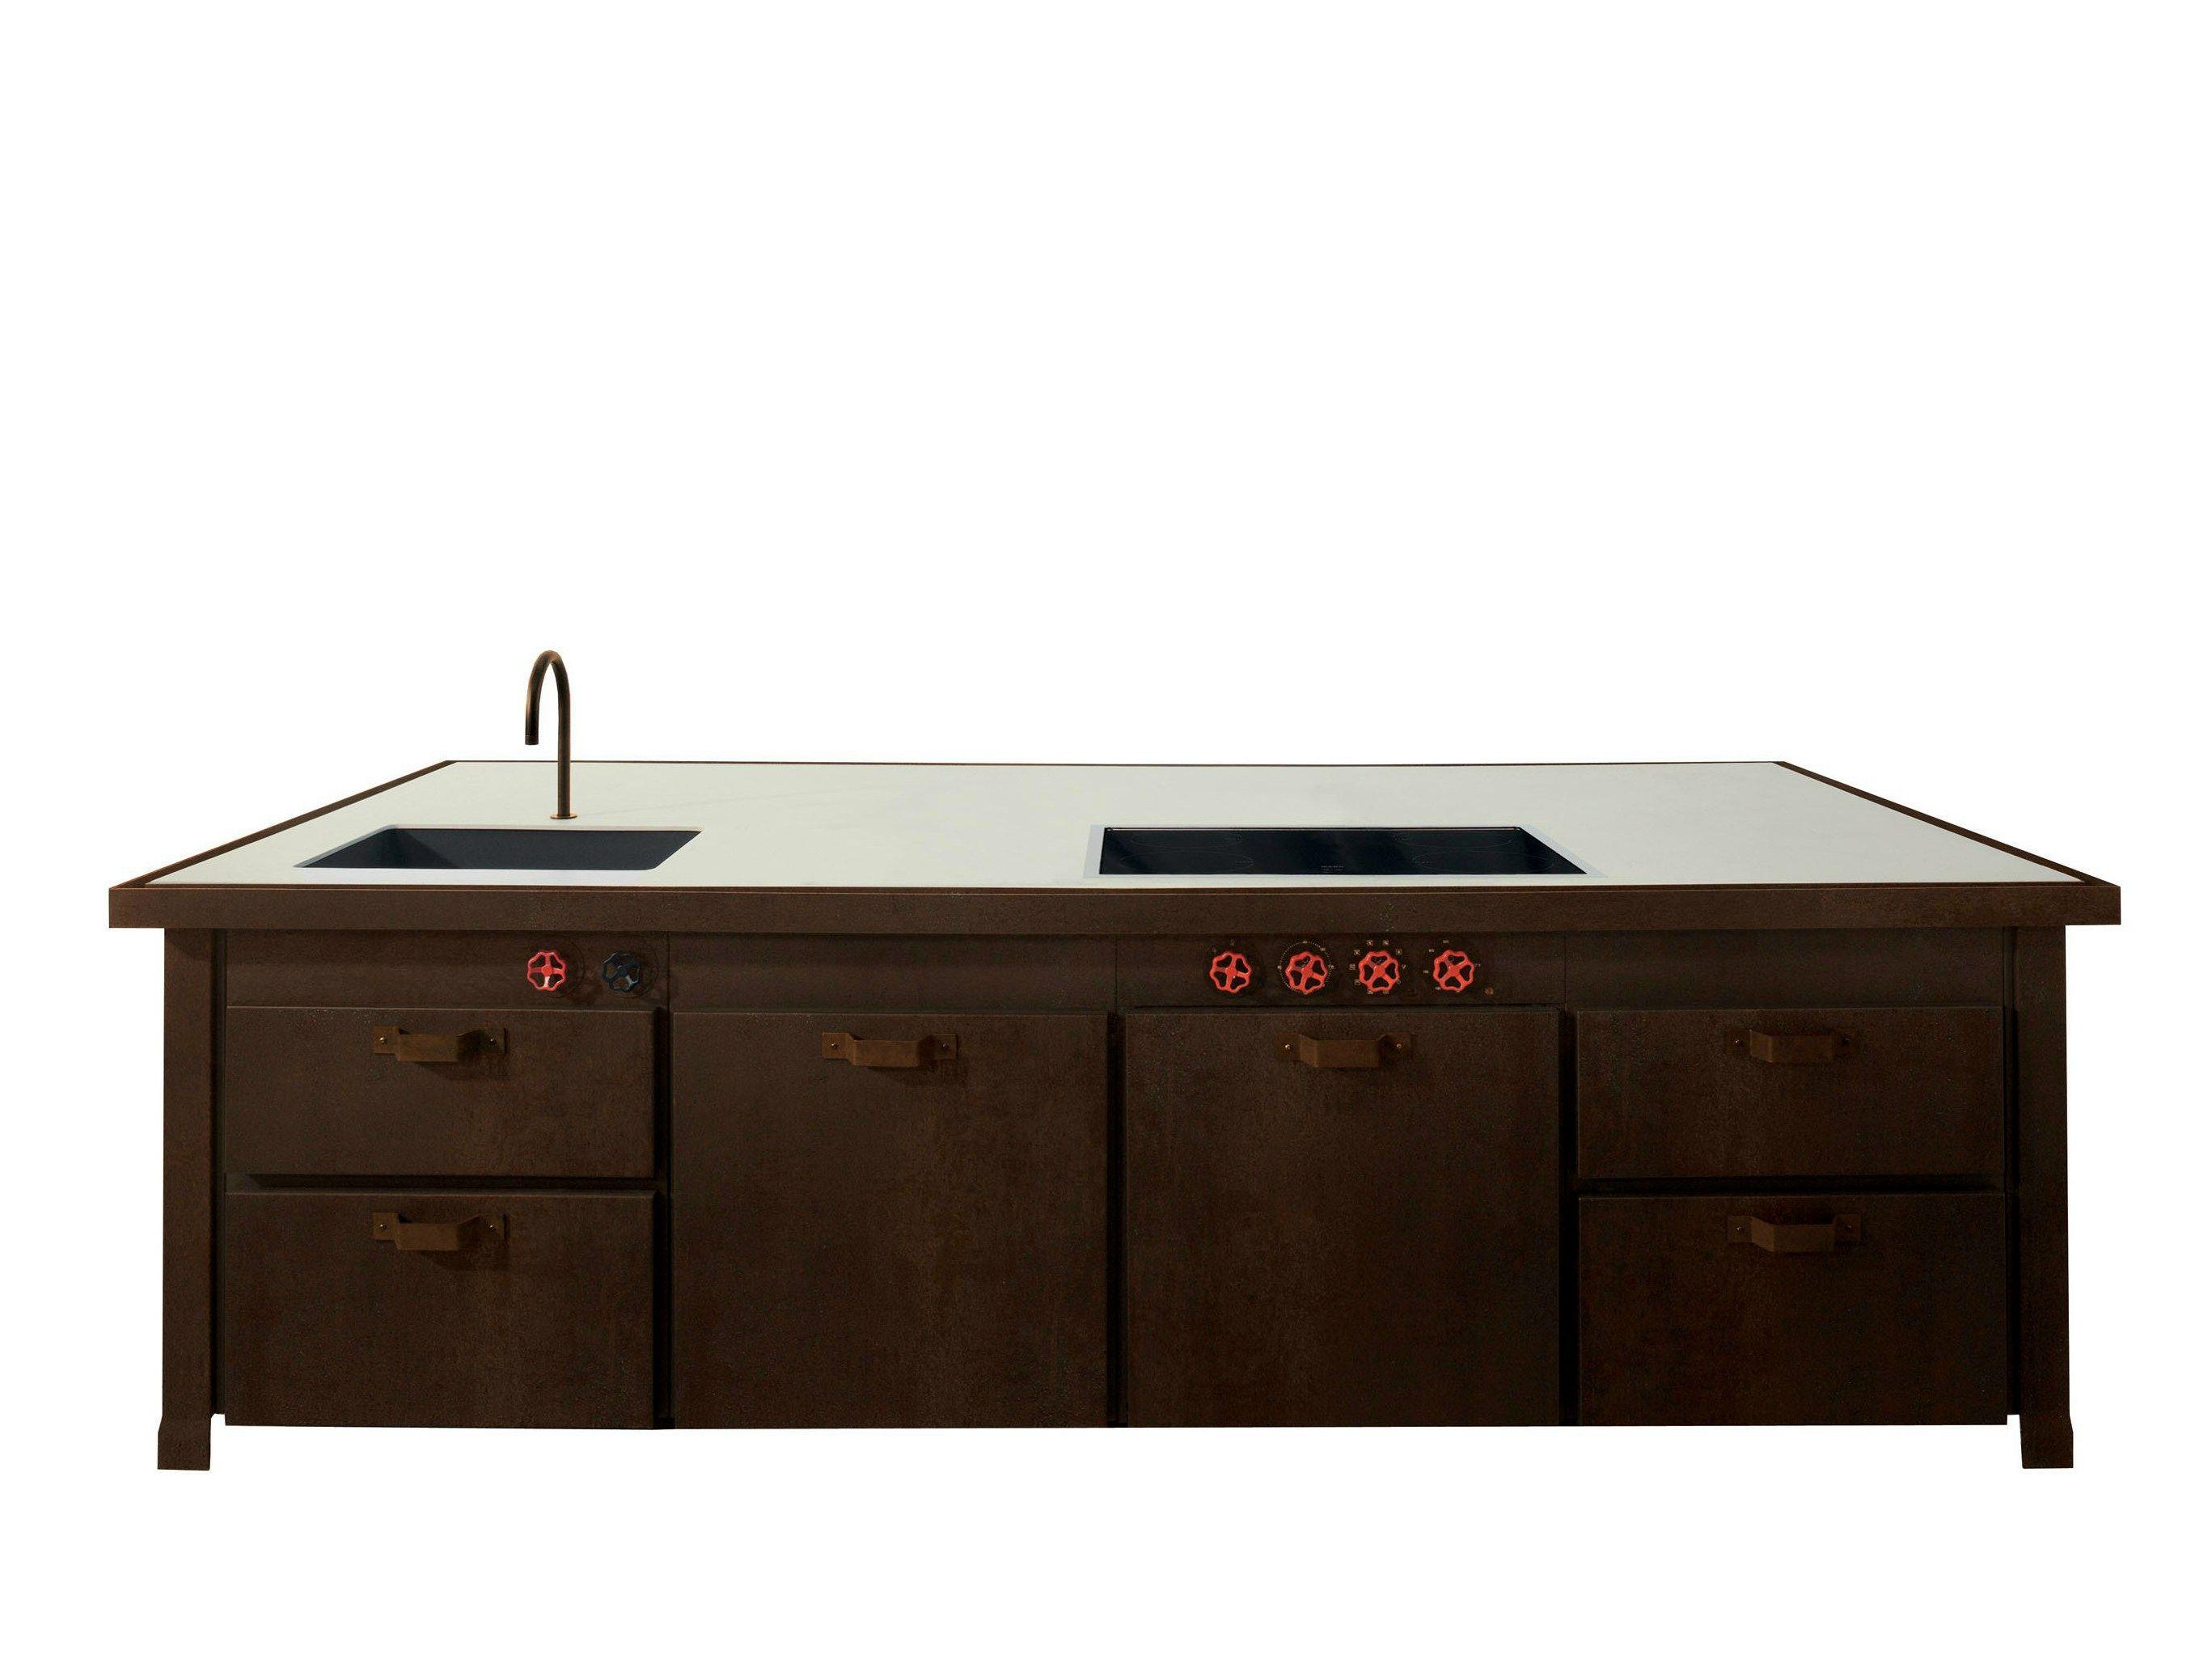 Küche aus Corten™ mit Kücheninsel MINÀ LIMITED EDITION by Minacciolo Design Silvio Stefani, R&S ...